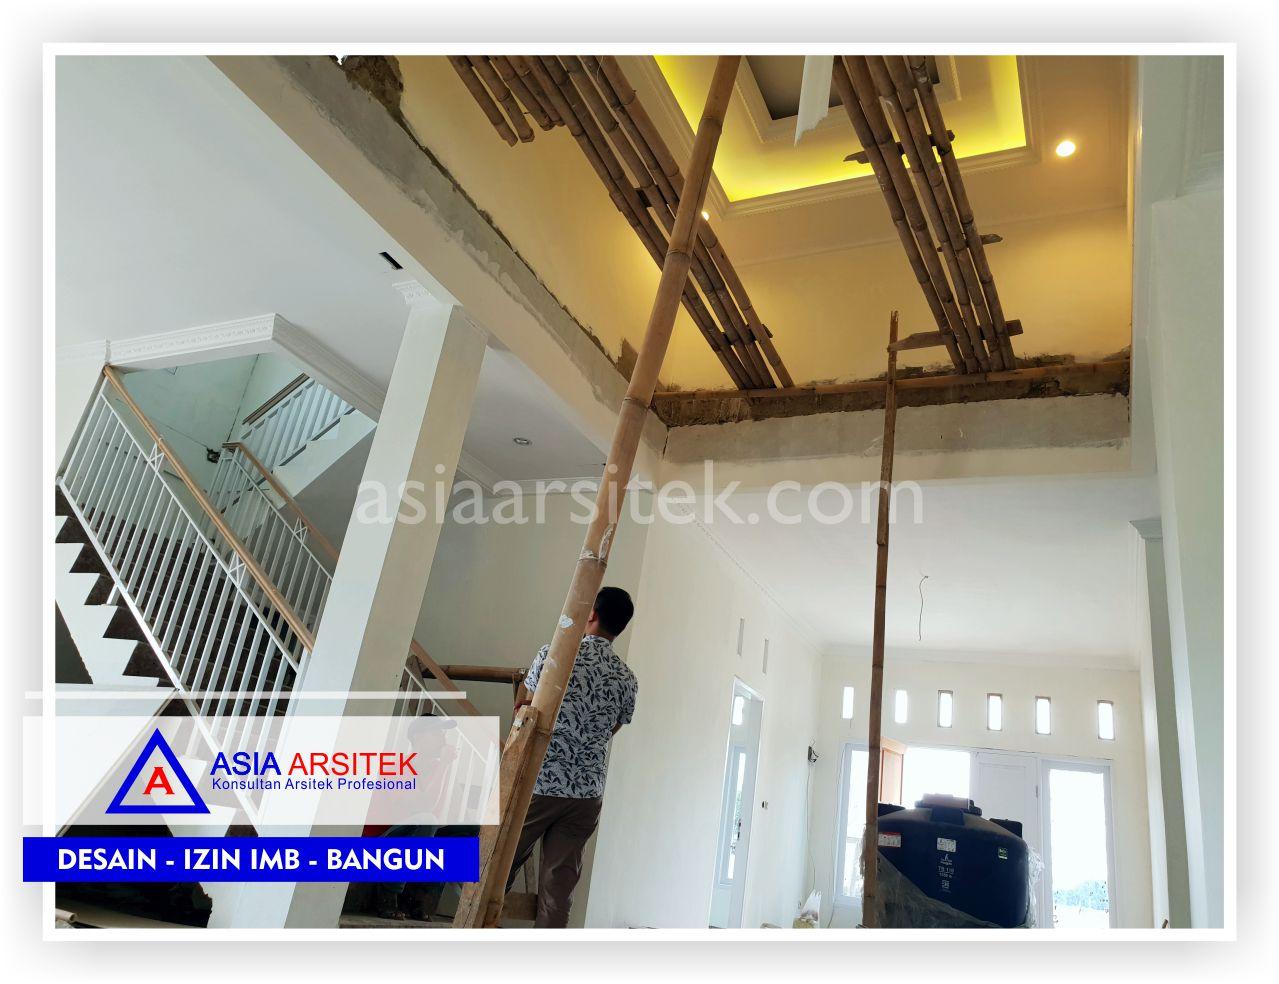 Area Tangga Rumah Arsitektur Belanda Bu Lisda - Arsitek Desain Rumah Klasik Mewah - Rumah Minimalis Modern Di Bandung-Tangerang-Bogor-Bekasi-Jakarta-Jasa Konsultan Desain Arsitek Profesional (2)